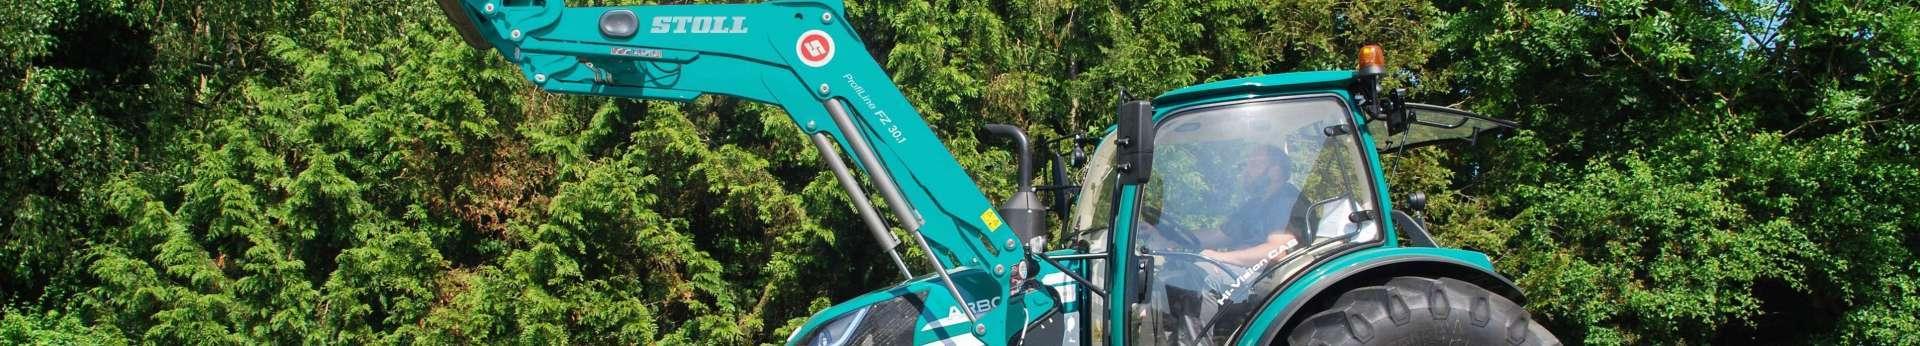 zielony ładowacz czołowy stoll profiline fz na zielonym traktorze arbos Korbanek.pl